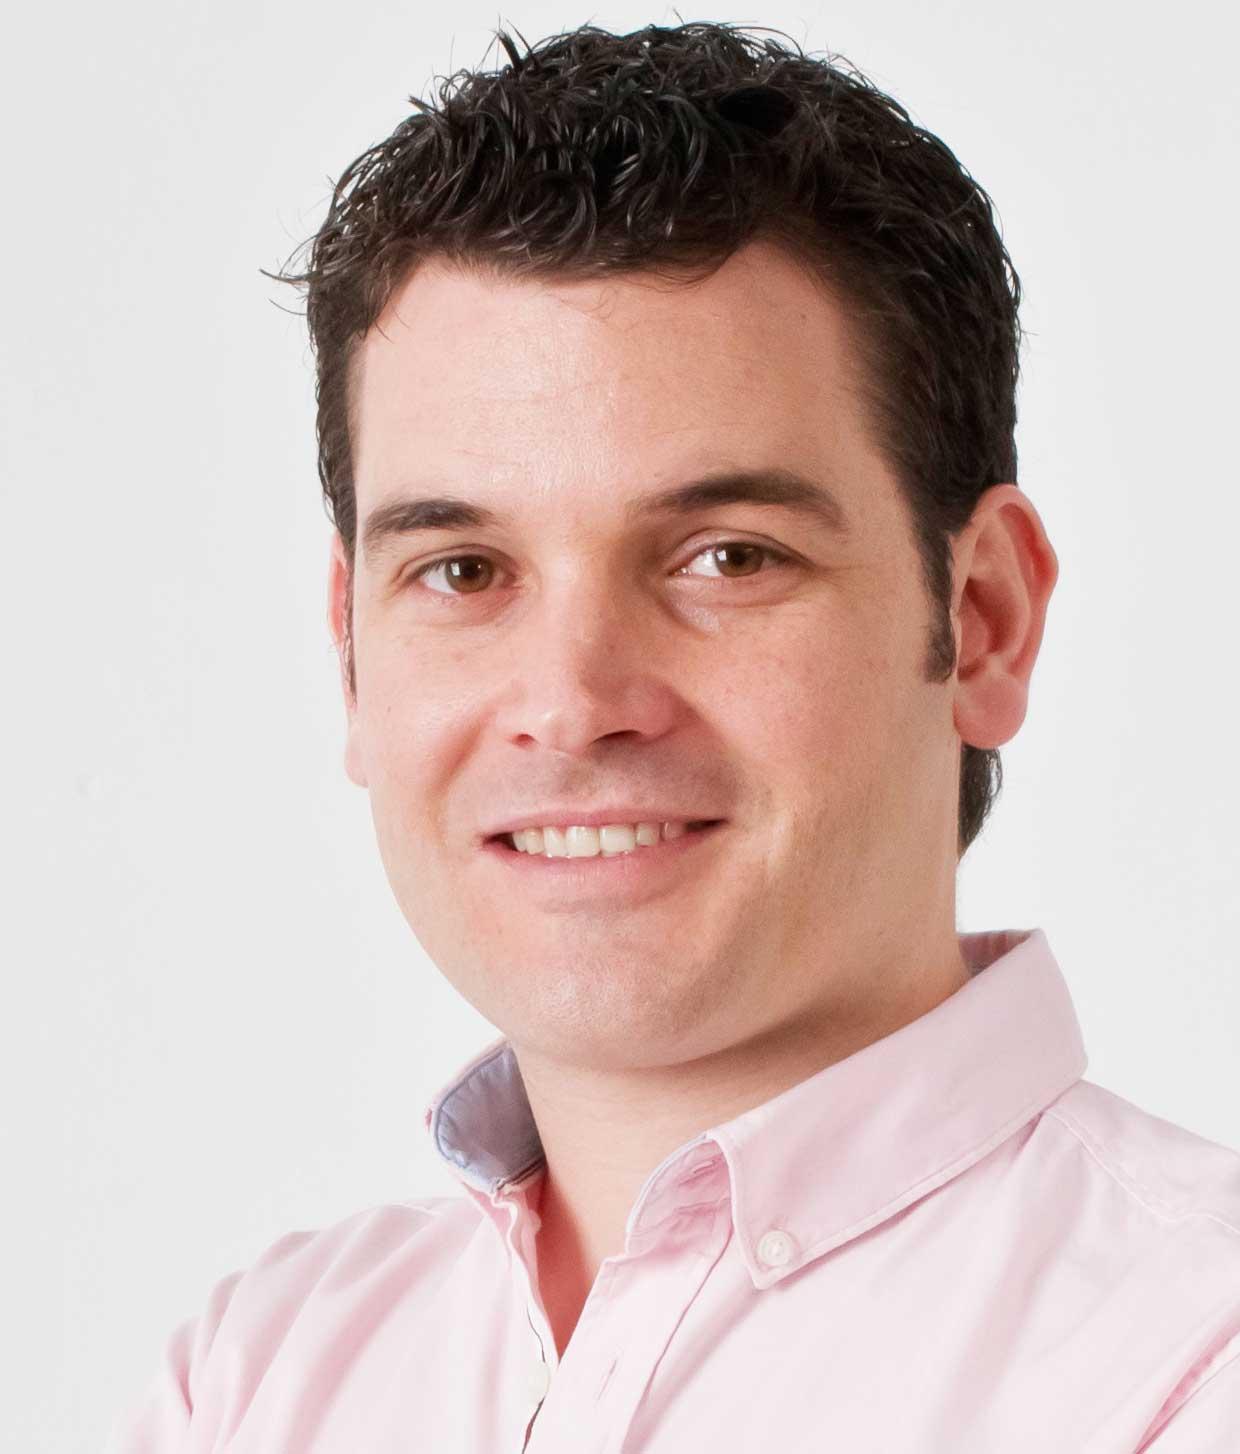 Descafé designer Raúl Laurí